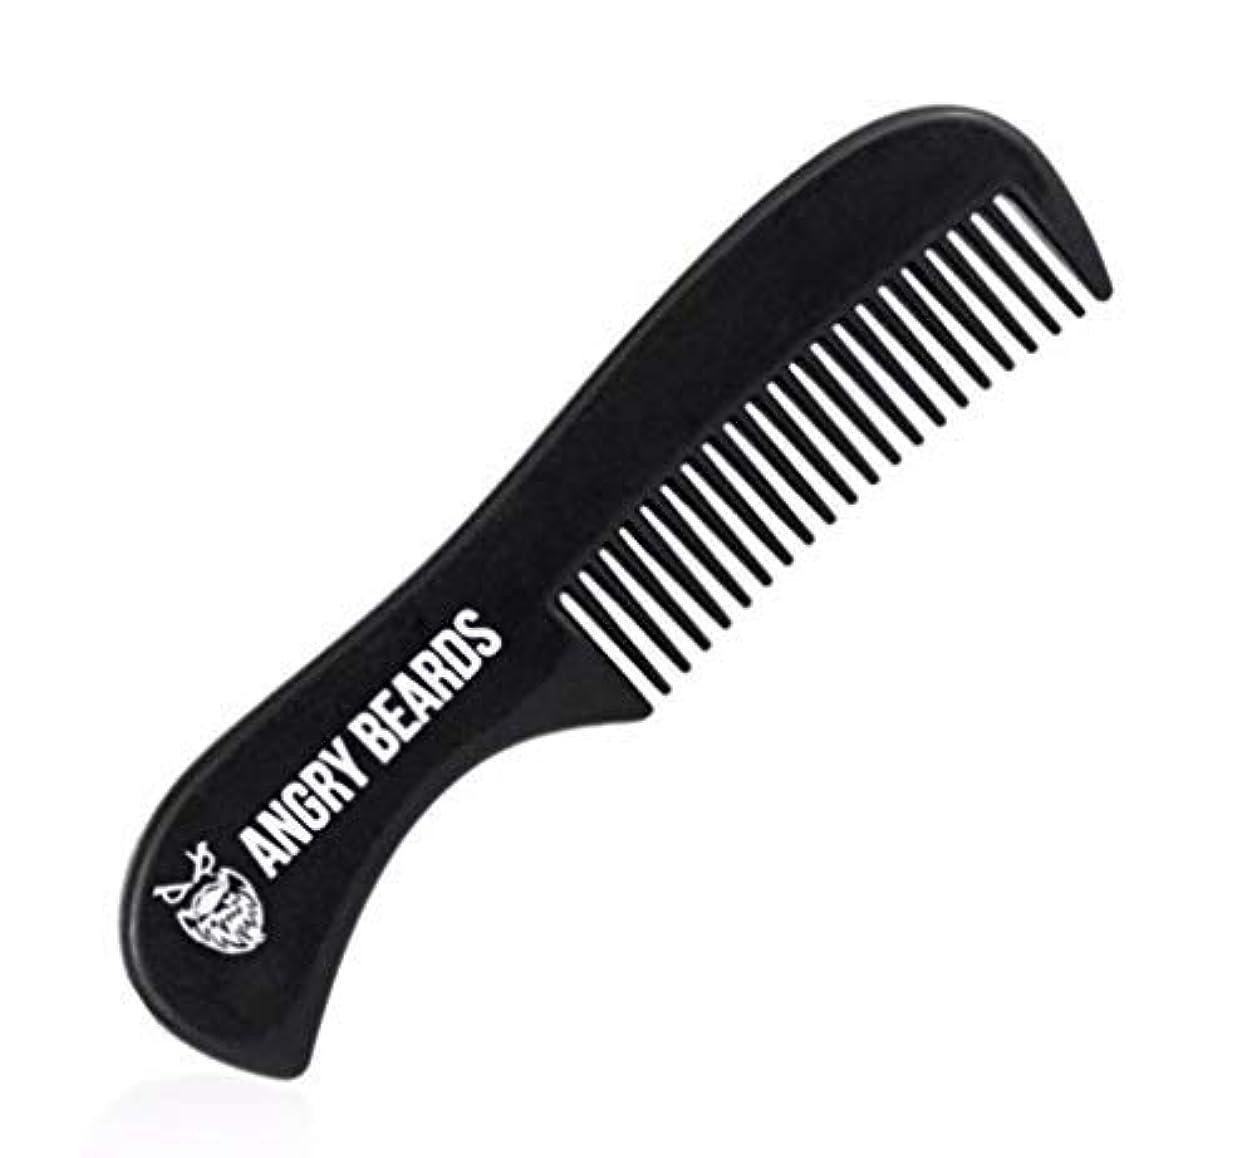 単語信頼熟達Pocket Beard Comb by Angry Beards 6x3cm Made in Czech Republic / ポケットひげ櫛by怒っているひげ6 x 3 cmチェコ共和国製